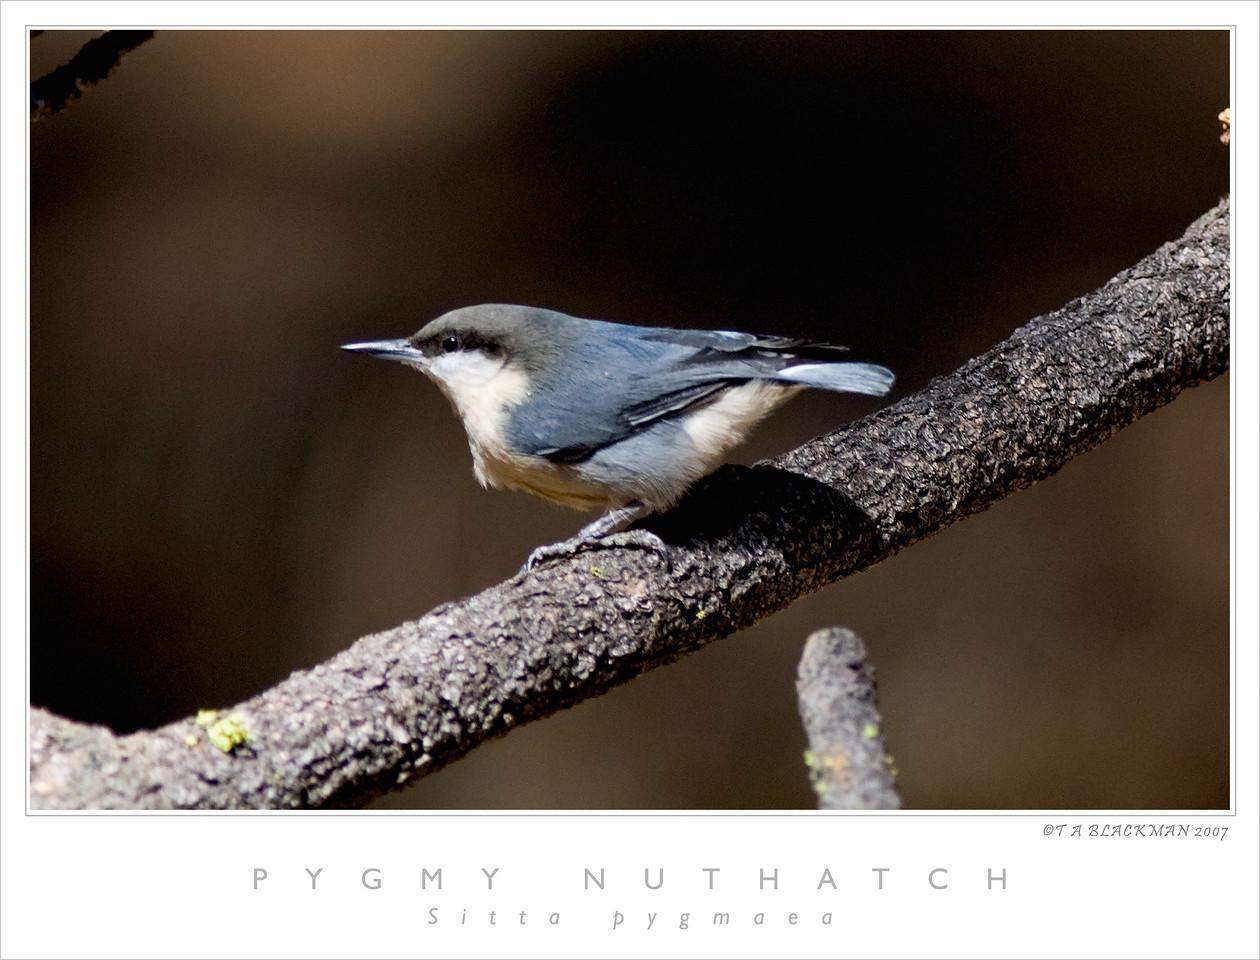 Pygmy Nuthatch